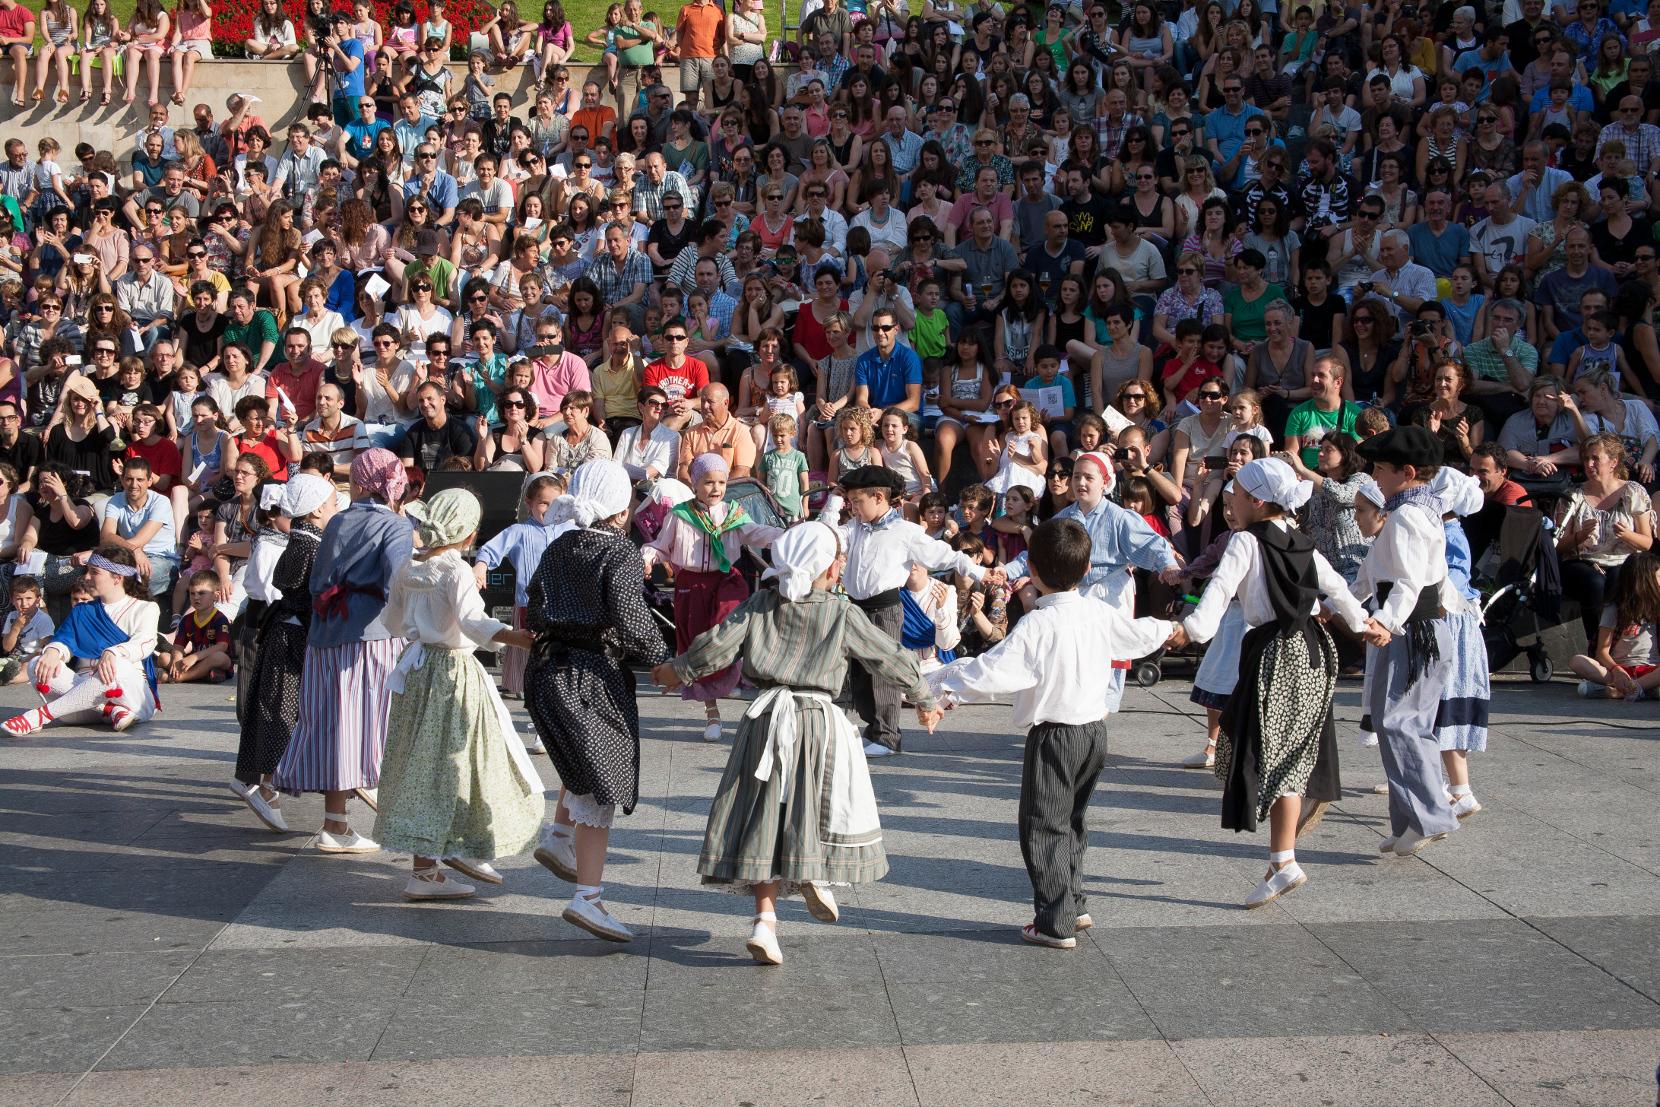 2014-06-13_dantzari-eguna_Eibar_FL_5061_1660p